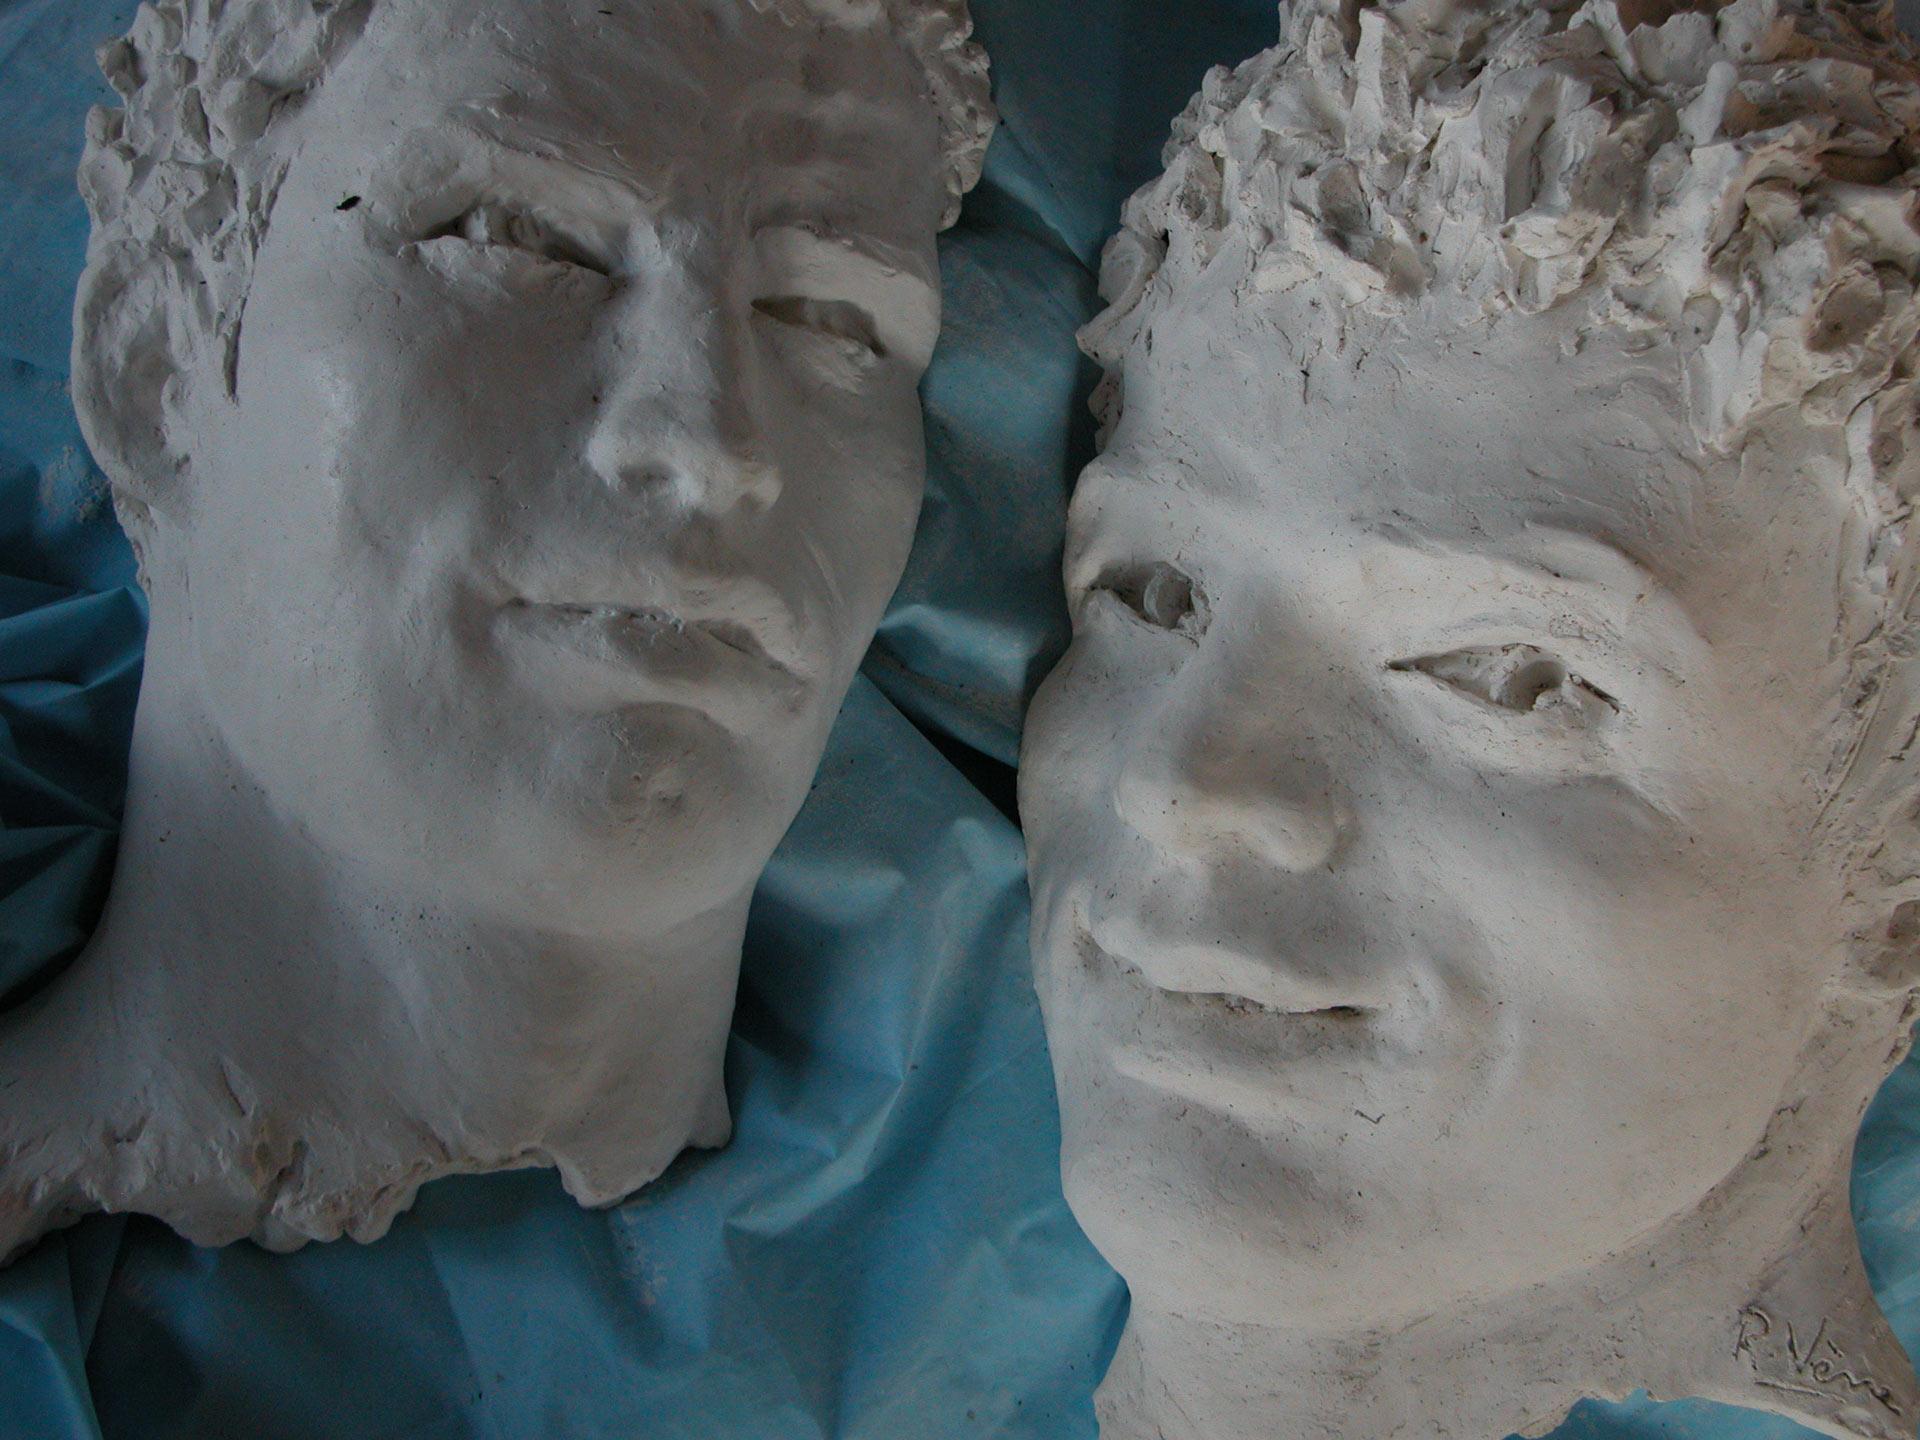 Atelier-Roger-Vène-Sculpteur-Dinan-7